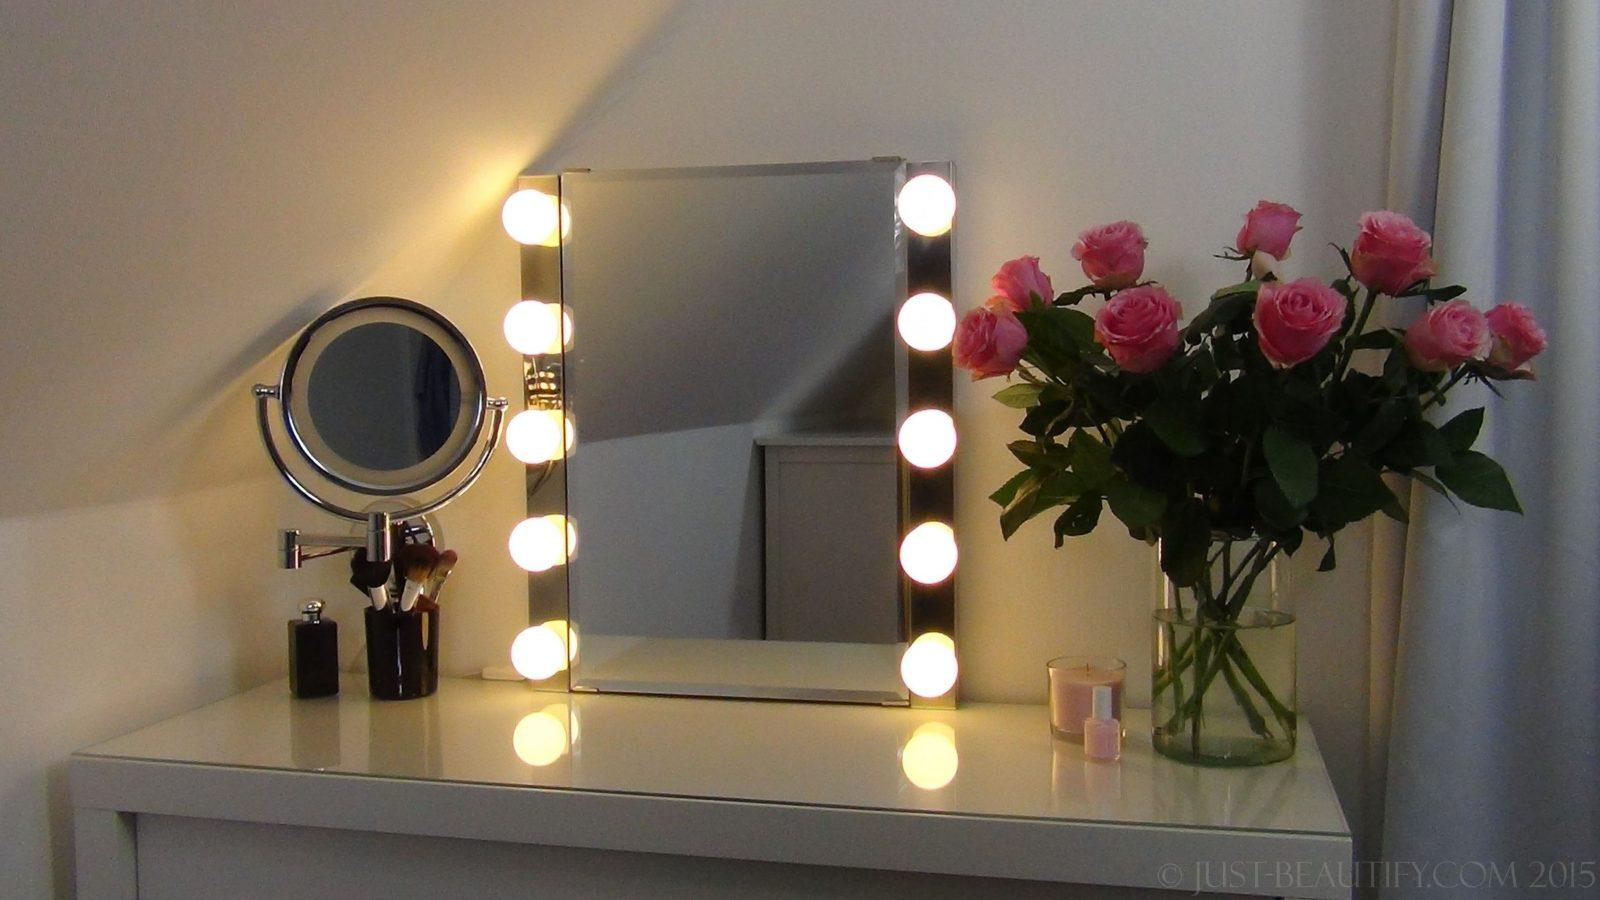 Spiegel Mit Beleuchtung Für Schminktisch Iranbuilders von Spiegel Mit Beleuchtung Fuer Schminktisch Bild